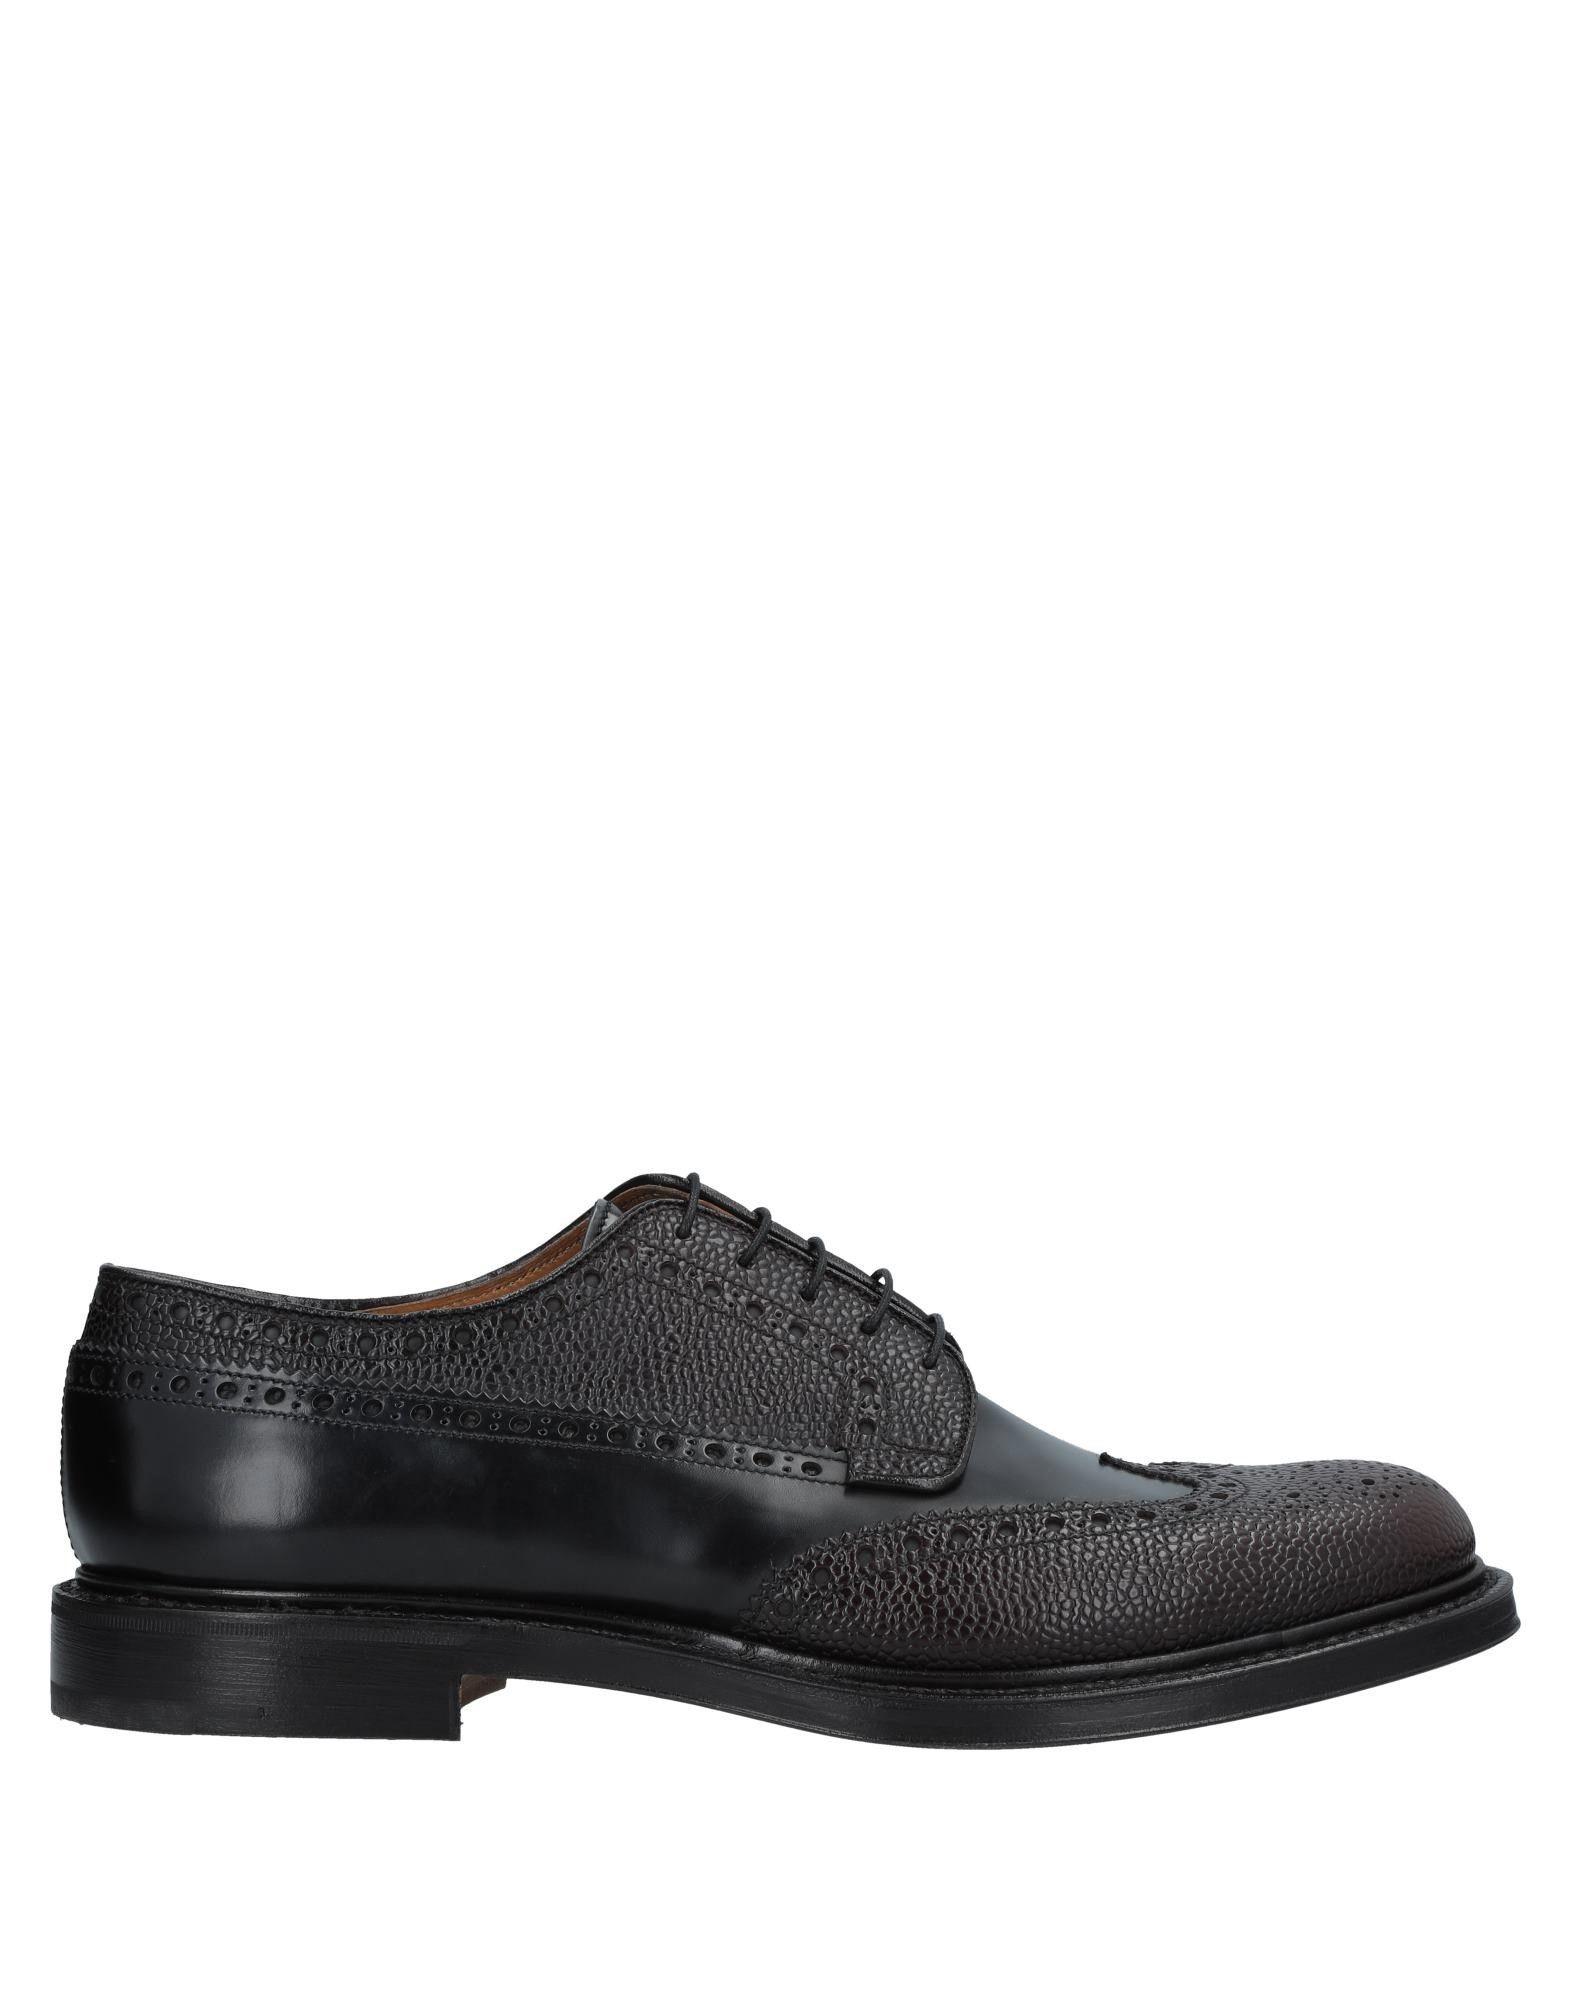 Premiata Schnürschuhe Herren  11530885KS Gute Qualität beliebte Schuhe